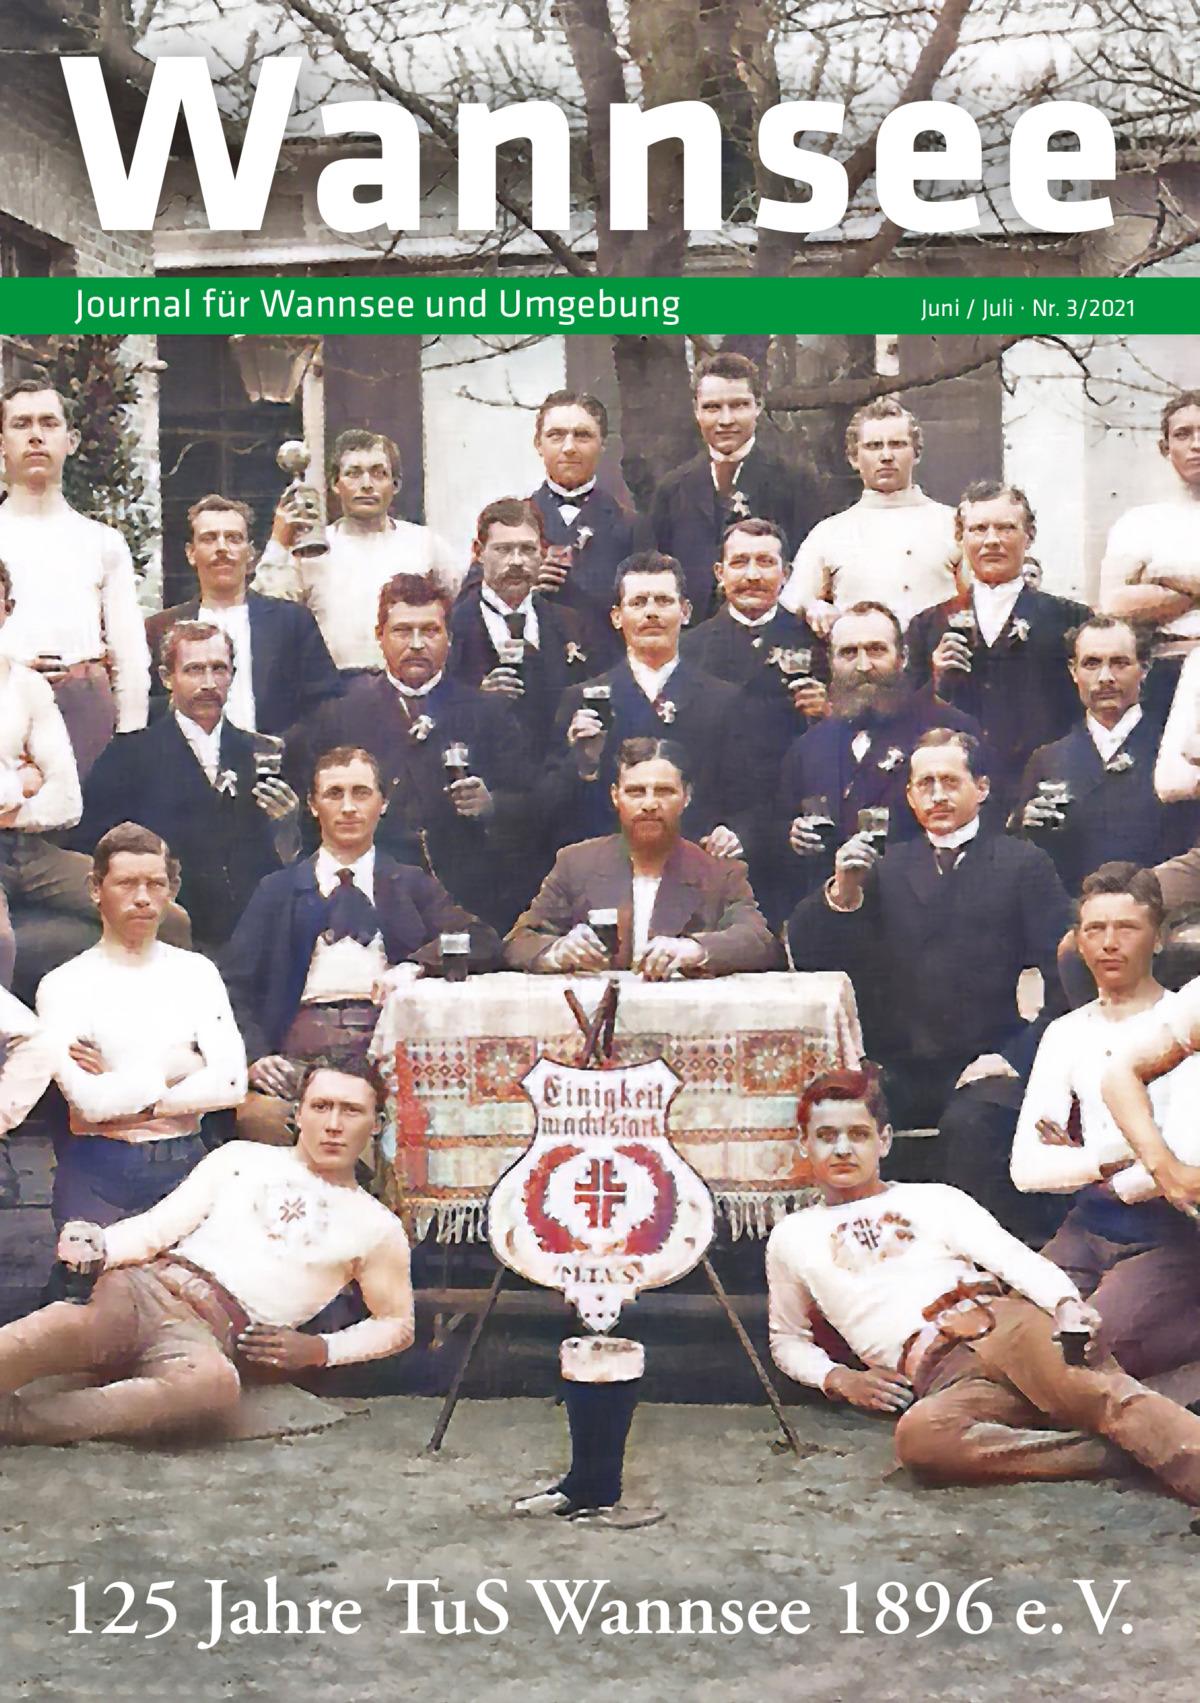 Wannsee Journal für Wannsee und Umgebung  Juni / Juli · Nr. 3/2021  125 Jahre TuS Wannsee 1896 e. V.